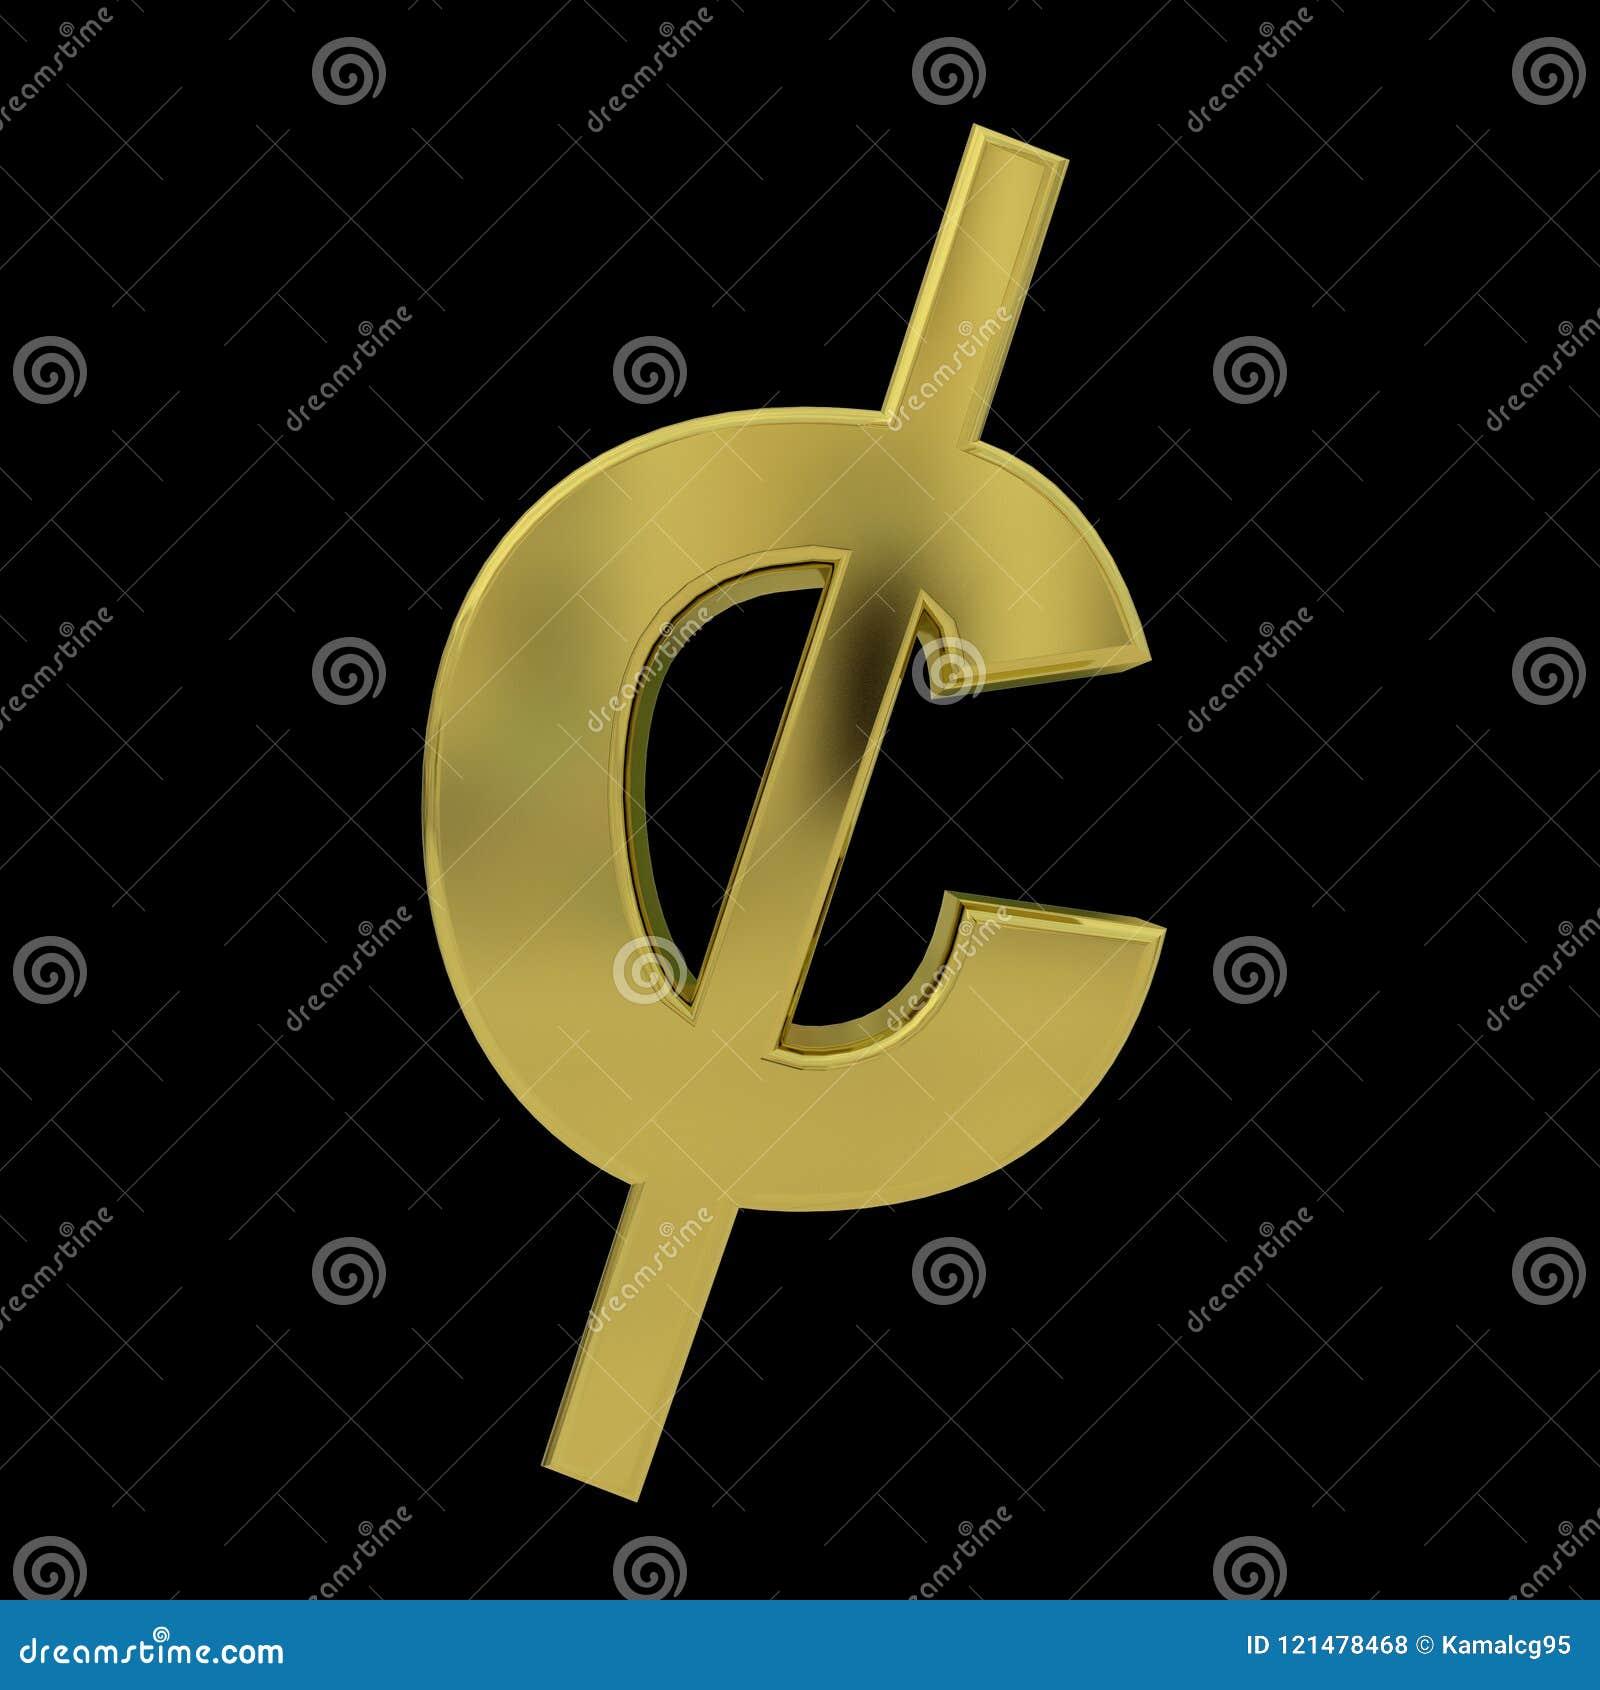 τρισδιάστατο χρυσό σύμβολο σεντ που απομονώνεται στο Μαύρο